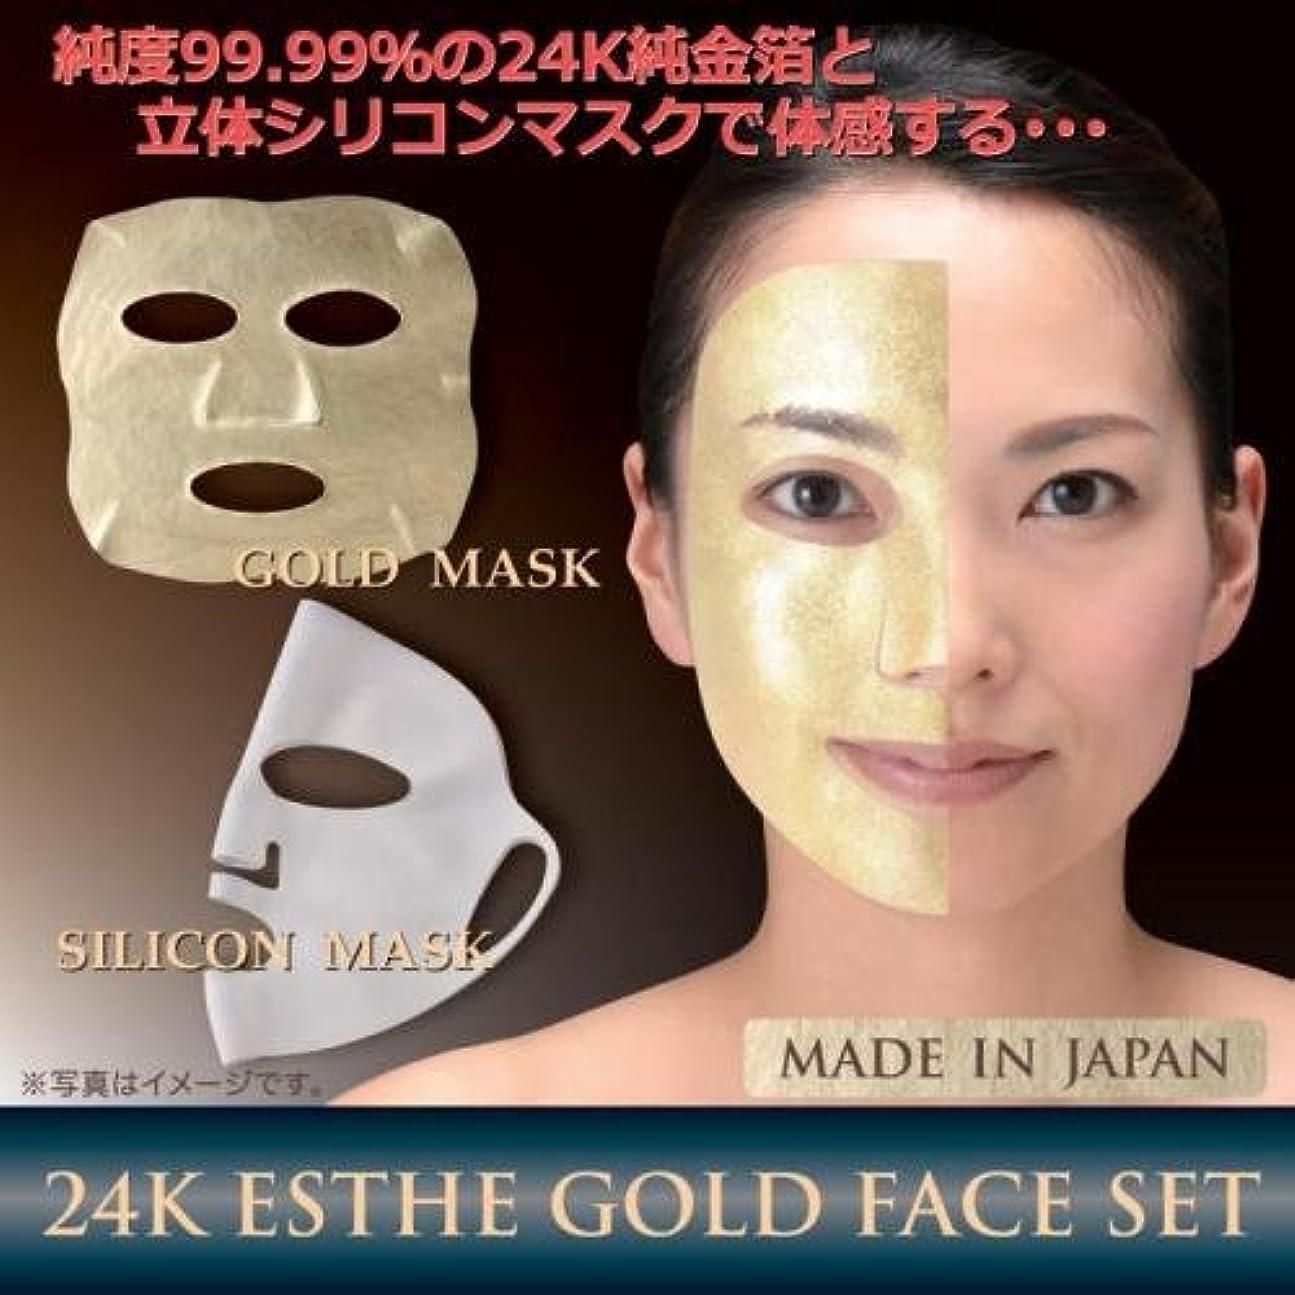 設置海外でキャンディー後藤 24K エステゴールドフェイス セット 金箔マスク×1、シリコンマスク×1